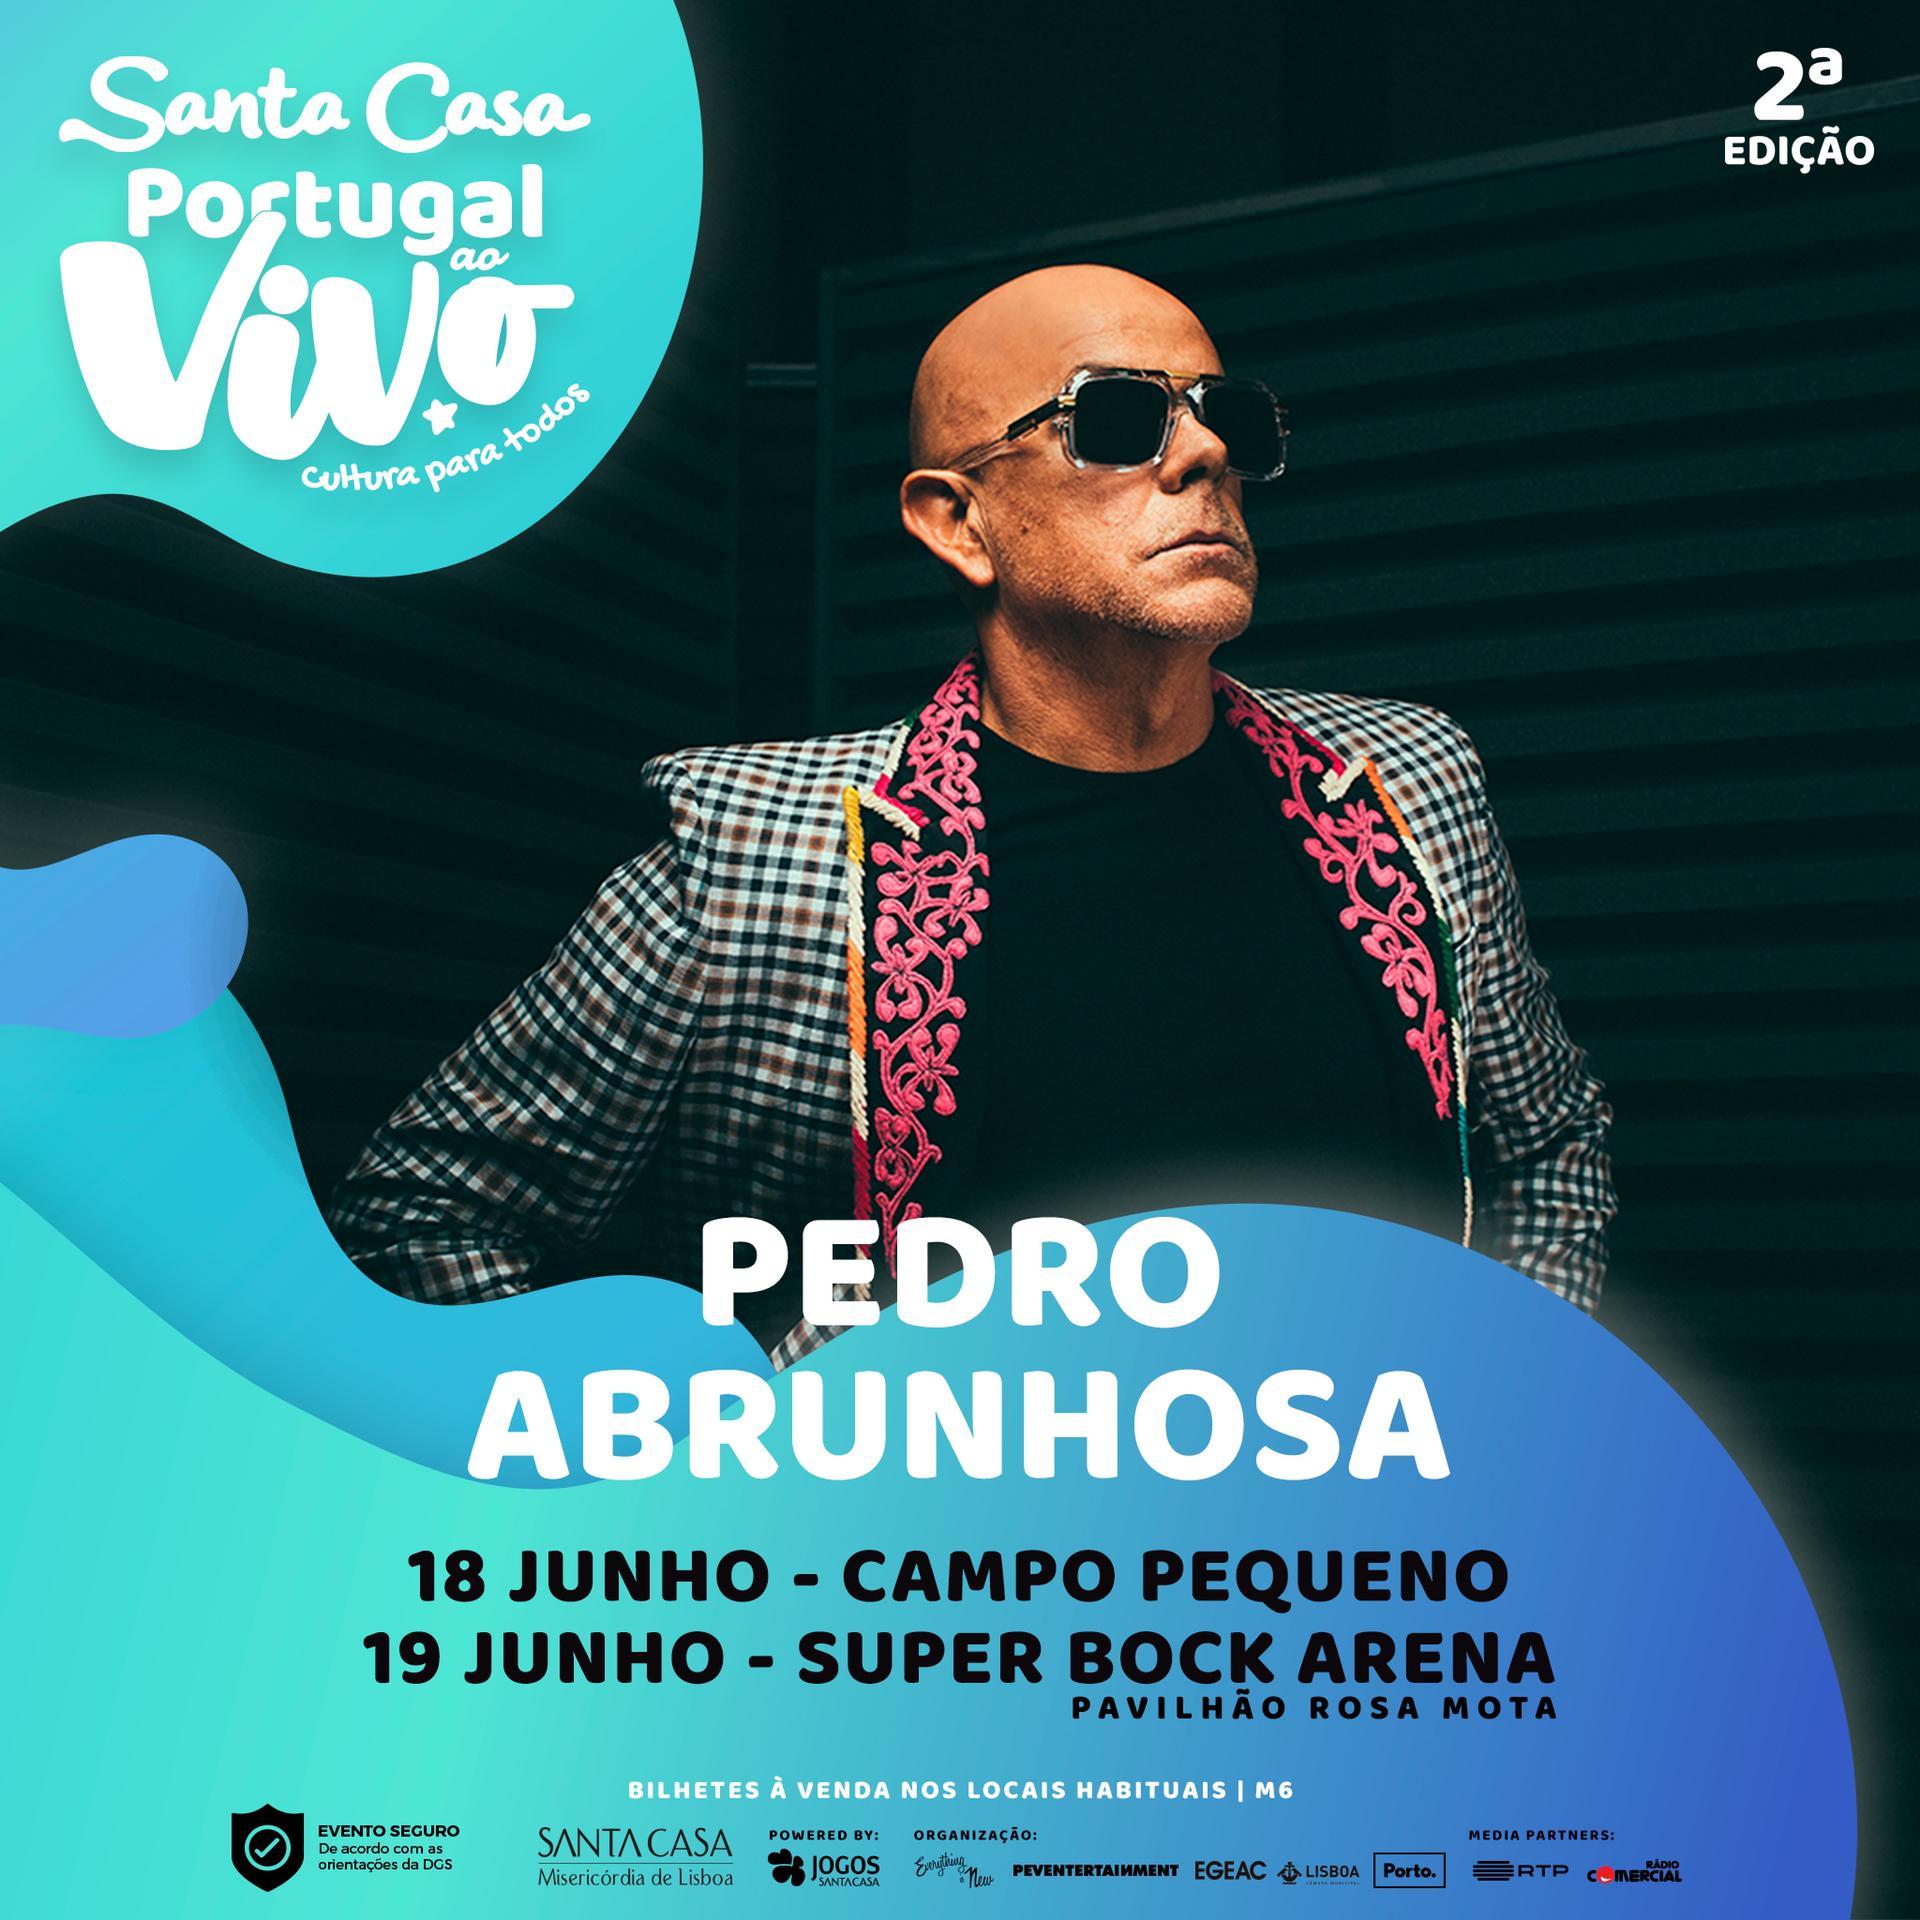 Pedro Abrunhosa - Santa Casa Portugal ao Vivo - Porto